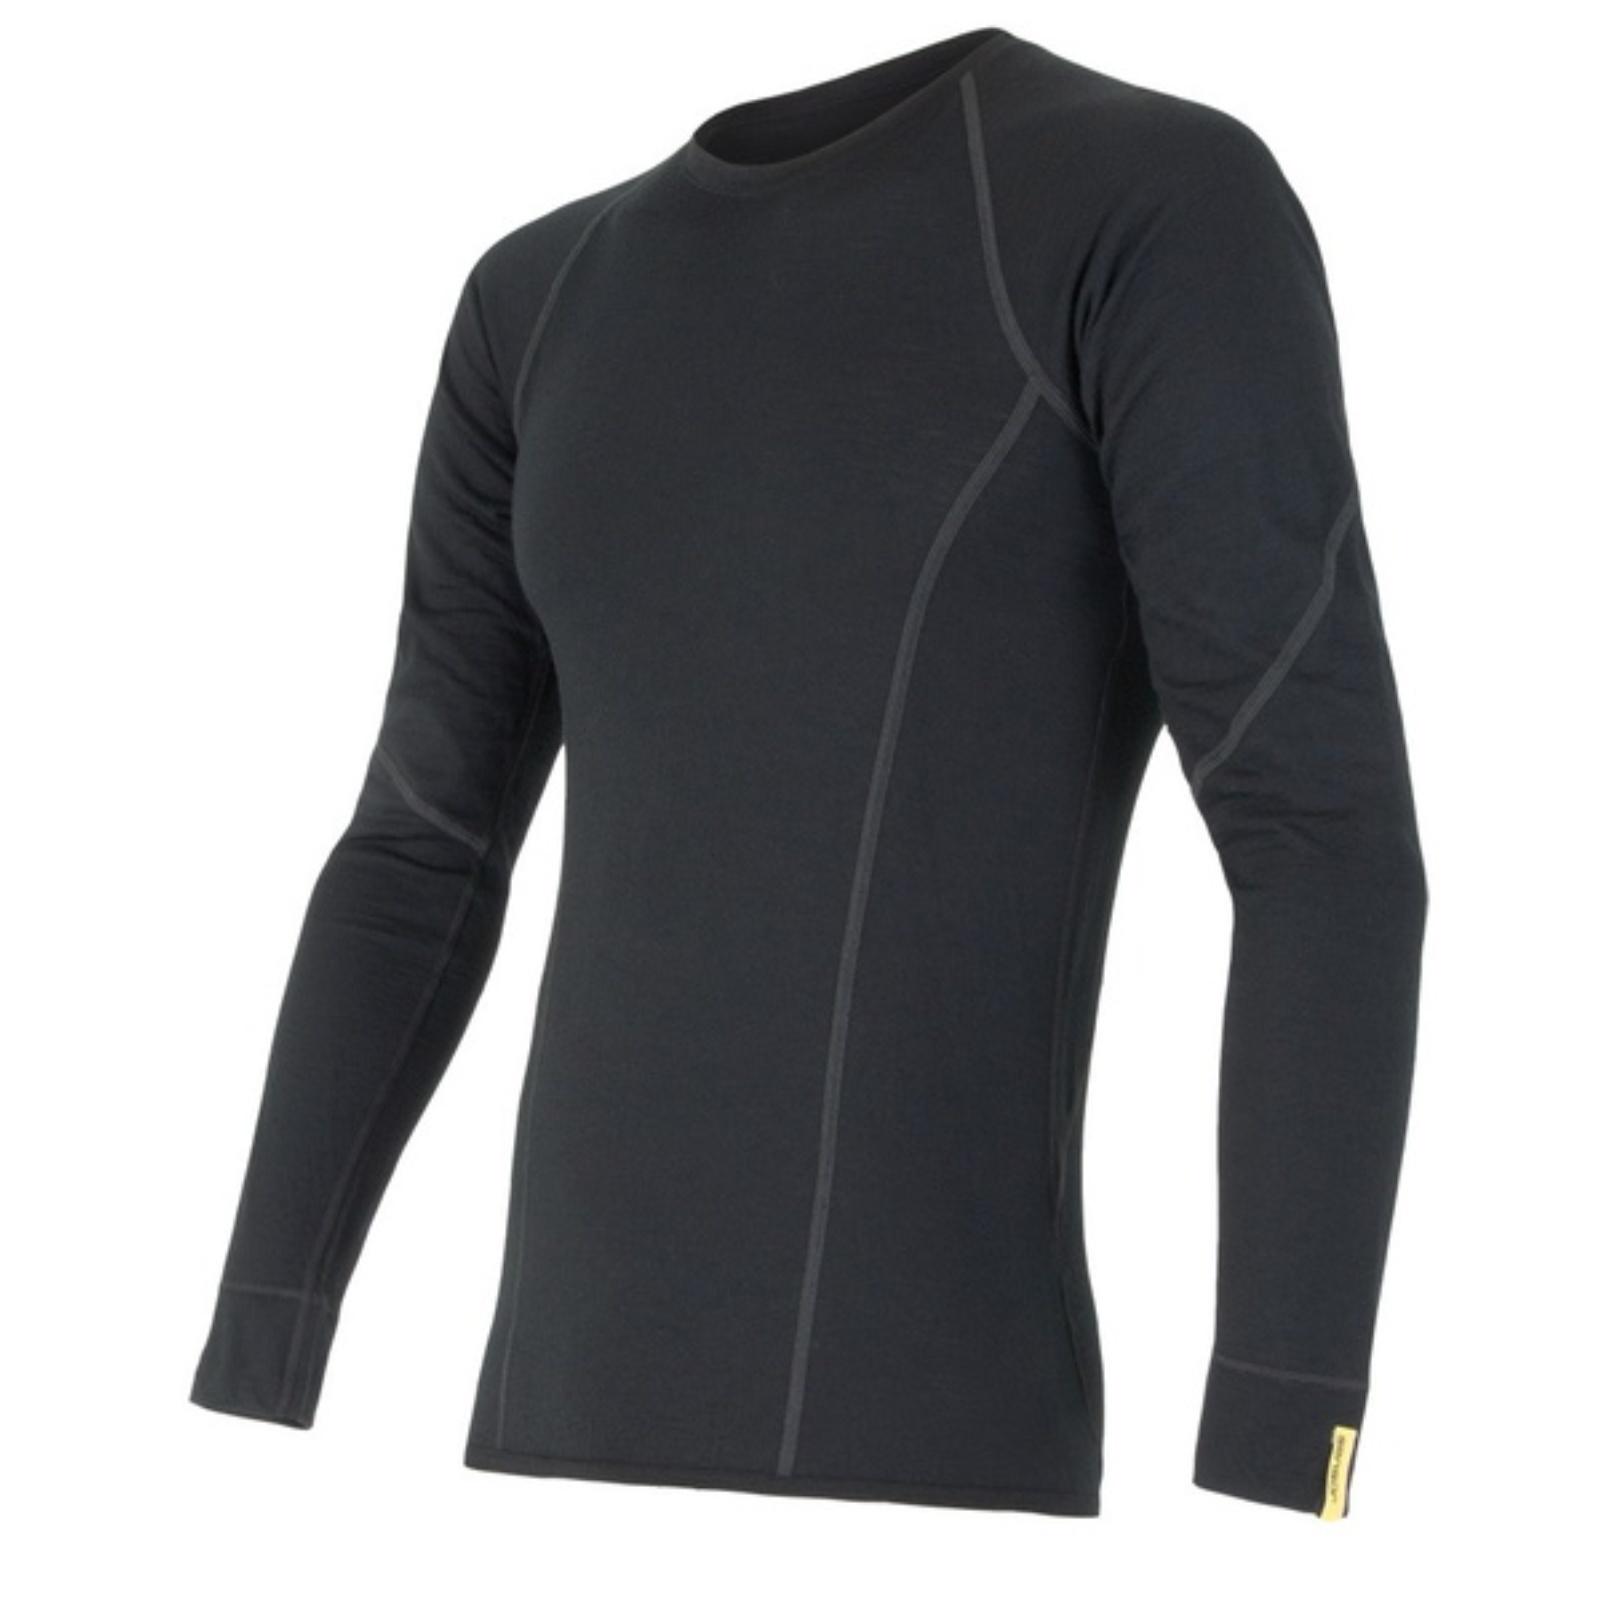 Tričko dlhý rukáv SENSOR Merino Wool Active pánske čierne